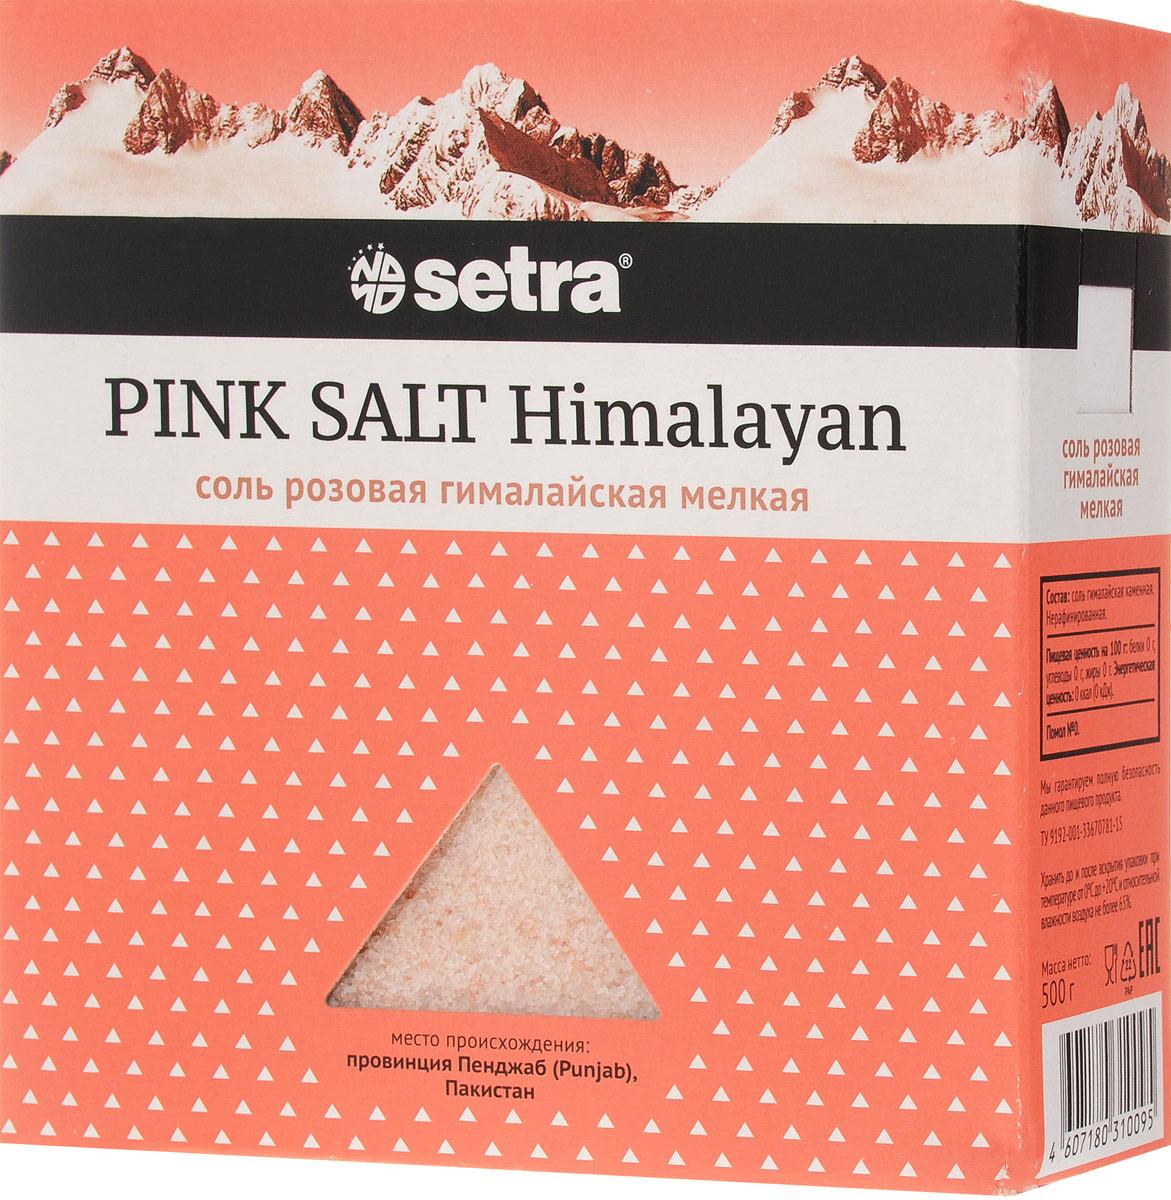 Setra соль розовая гималайская мелкая, 500 г купить шевроле нива в шахтах